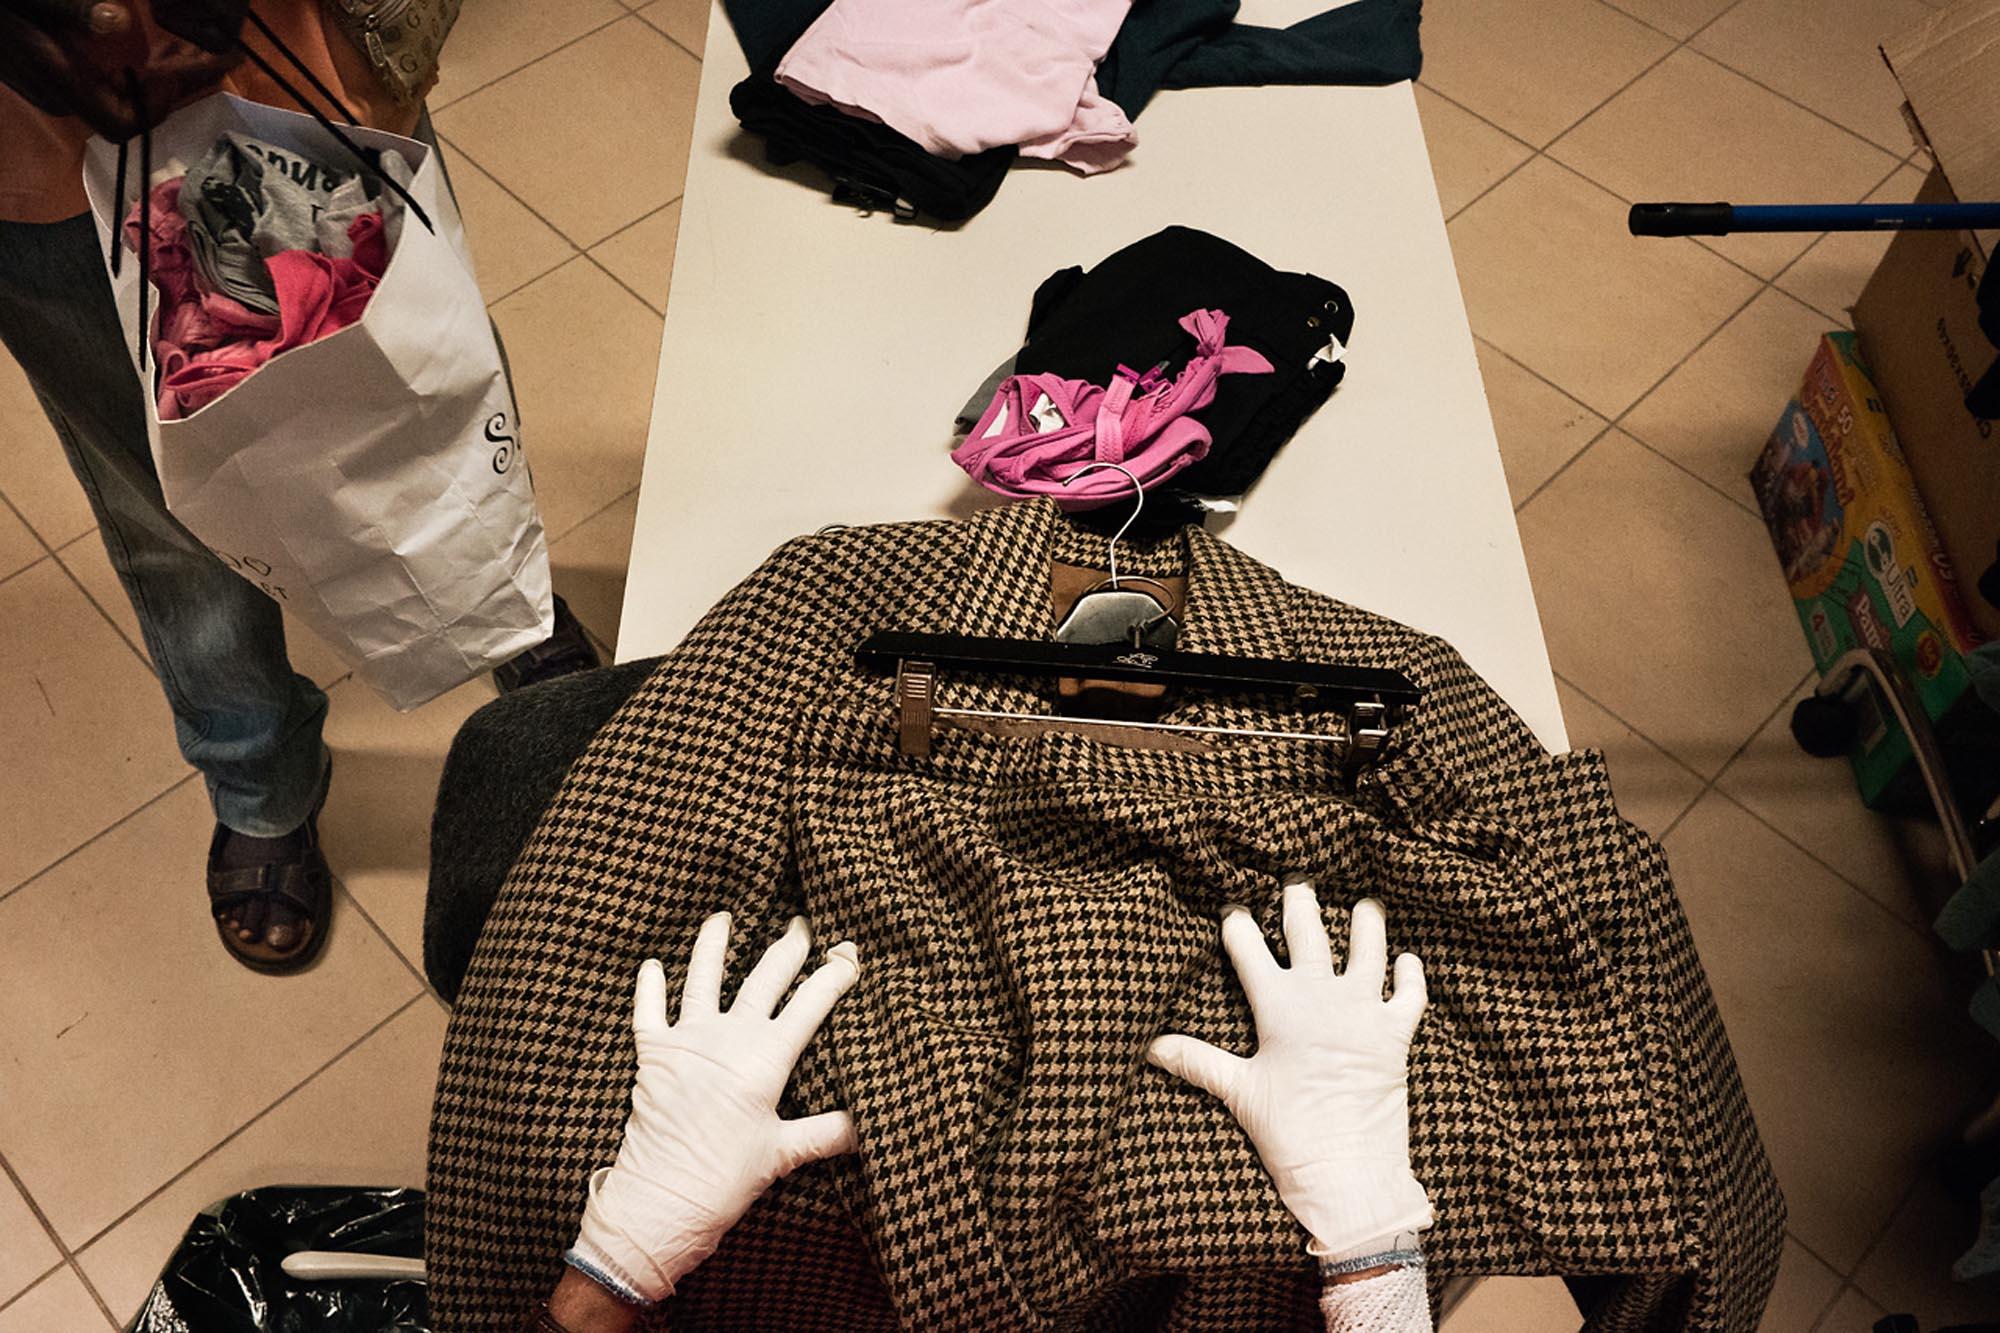 0037 riciclo distribuzione abiti usati 1 - Storie di volontariato toscano